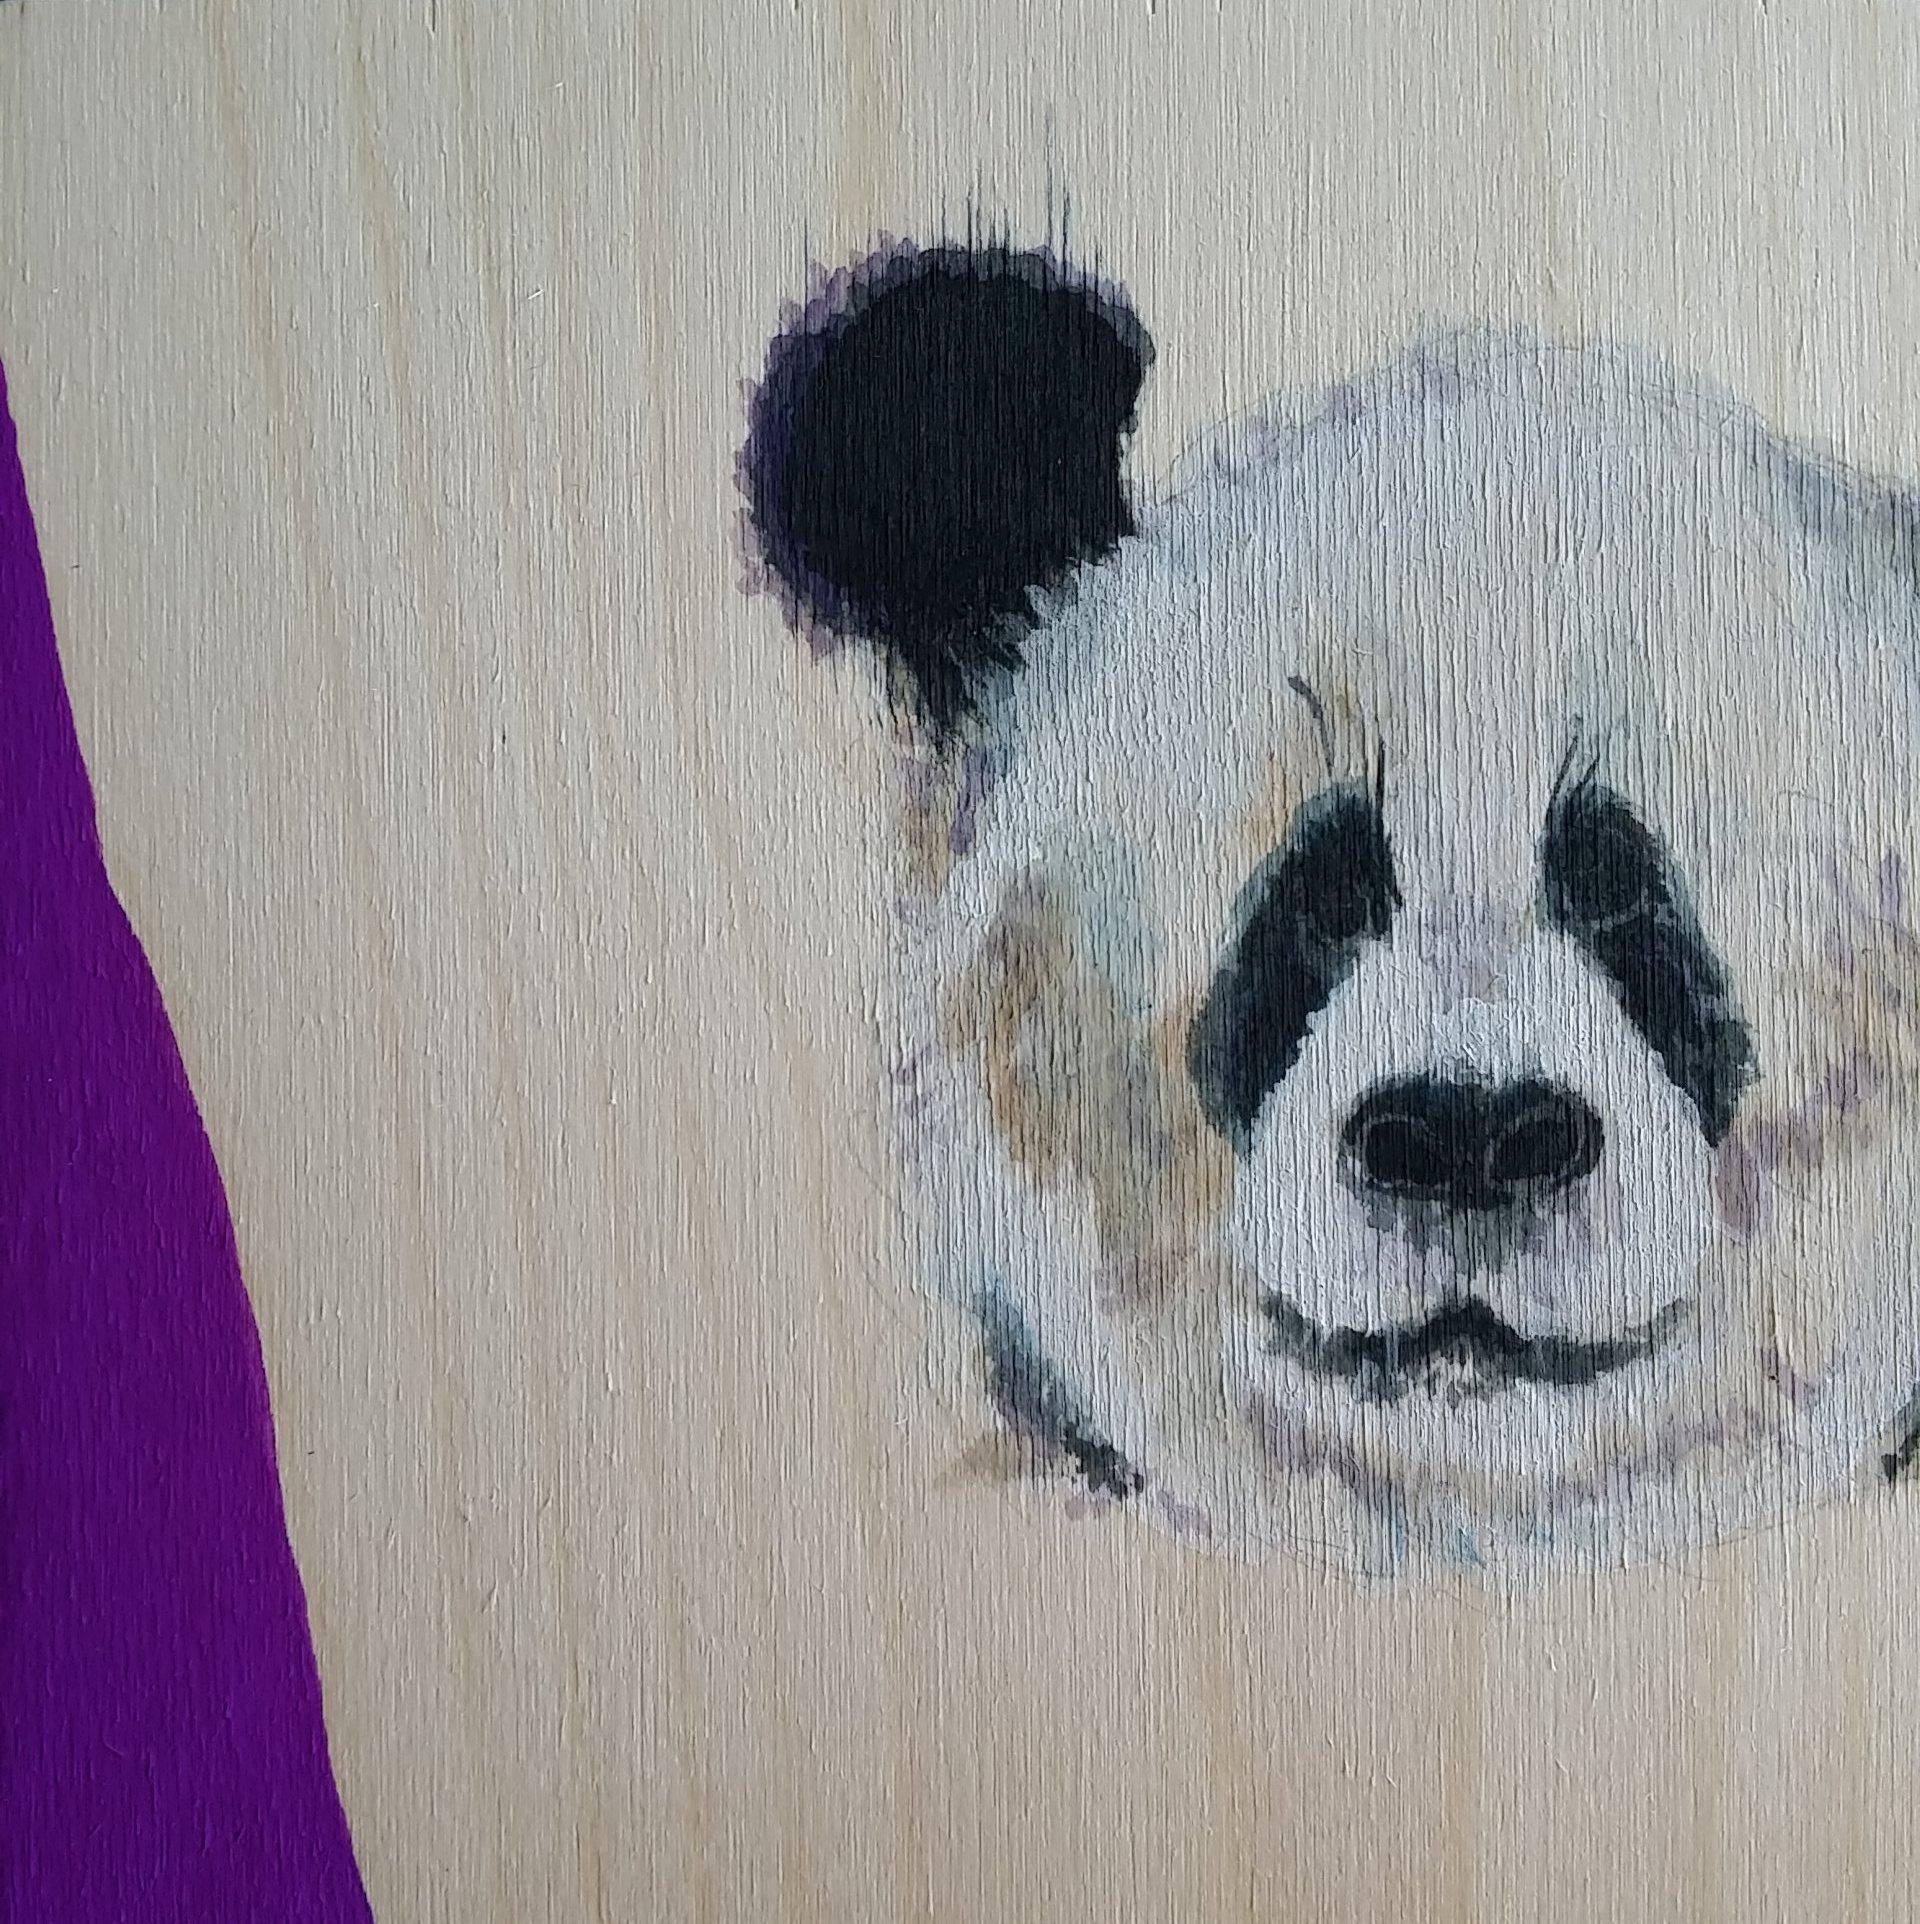 panda1 (1).jpg